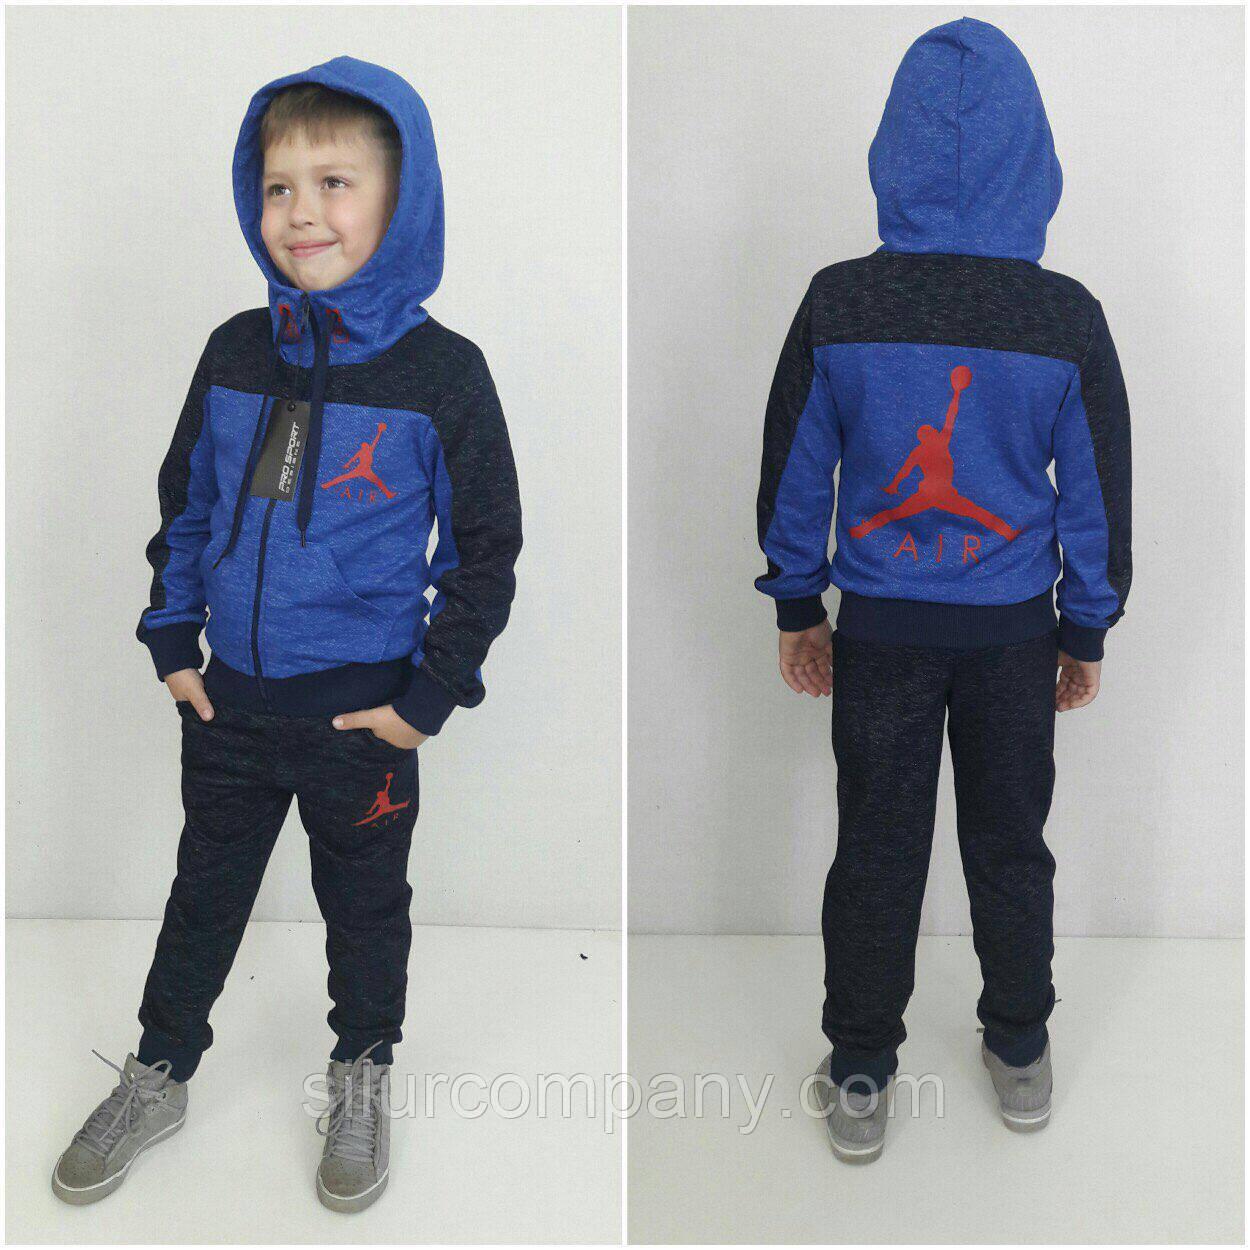 0467282d Спортивный детский костюм Найк   Костюм спортивный для мальчика весна, фото  1